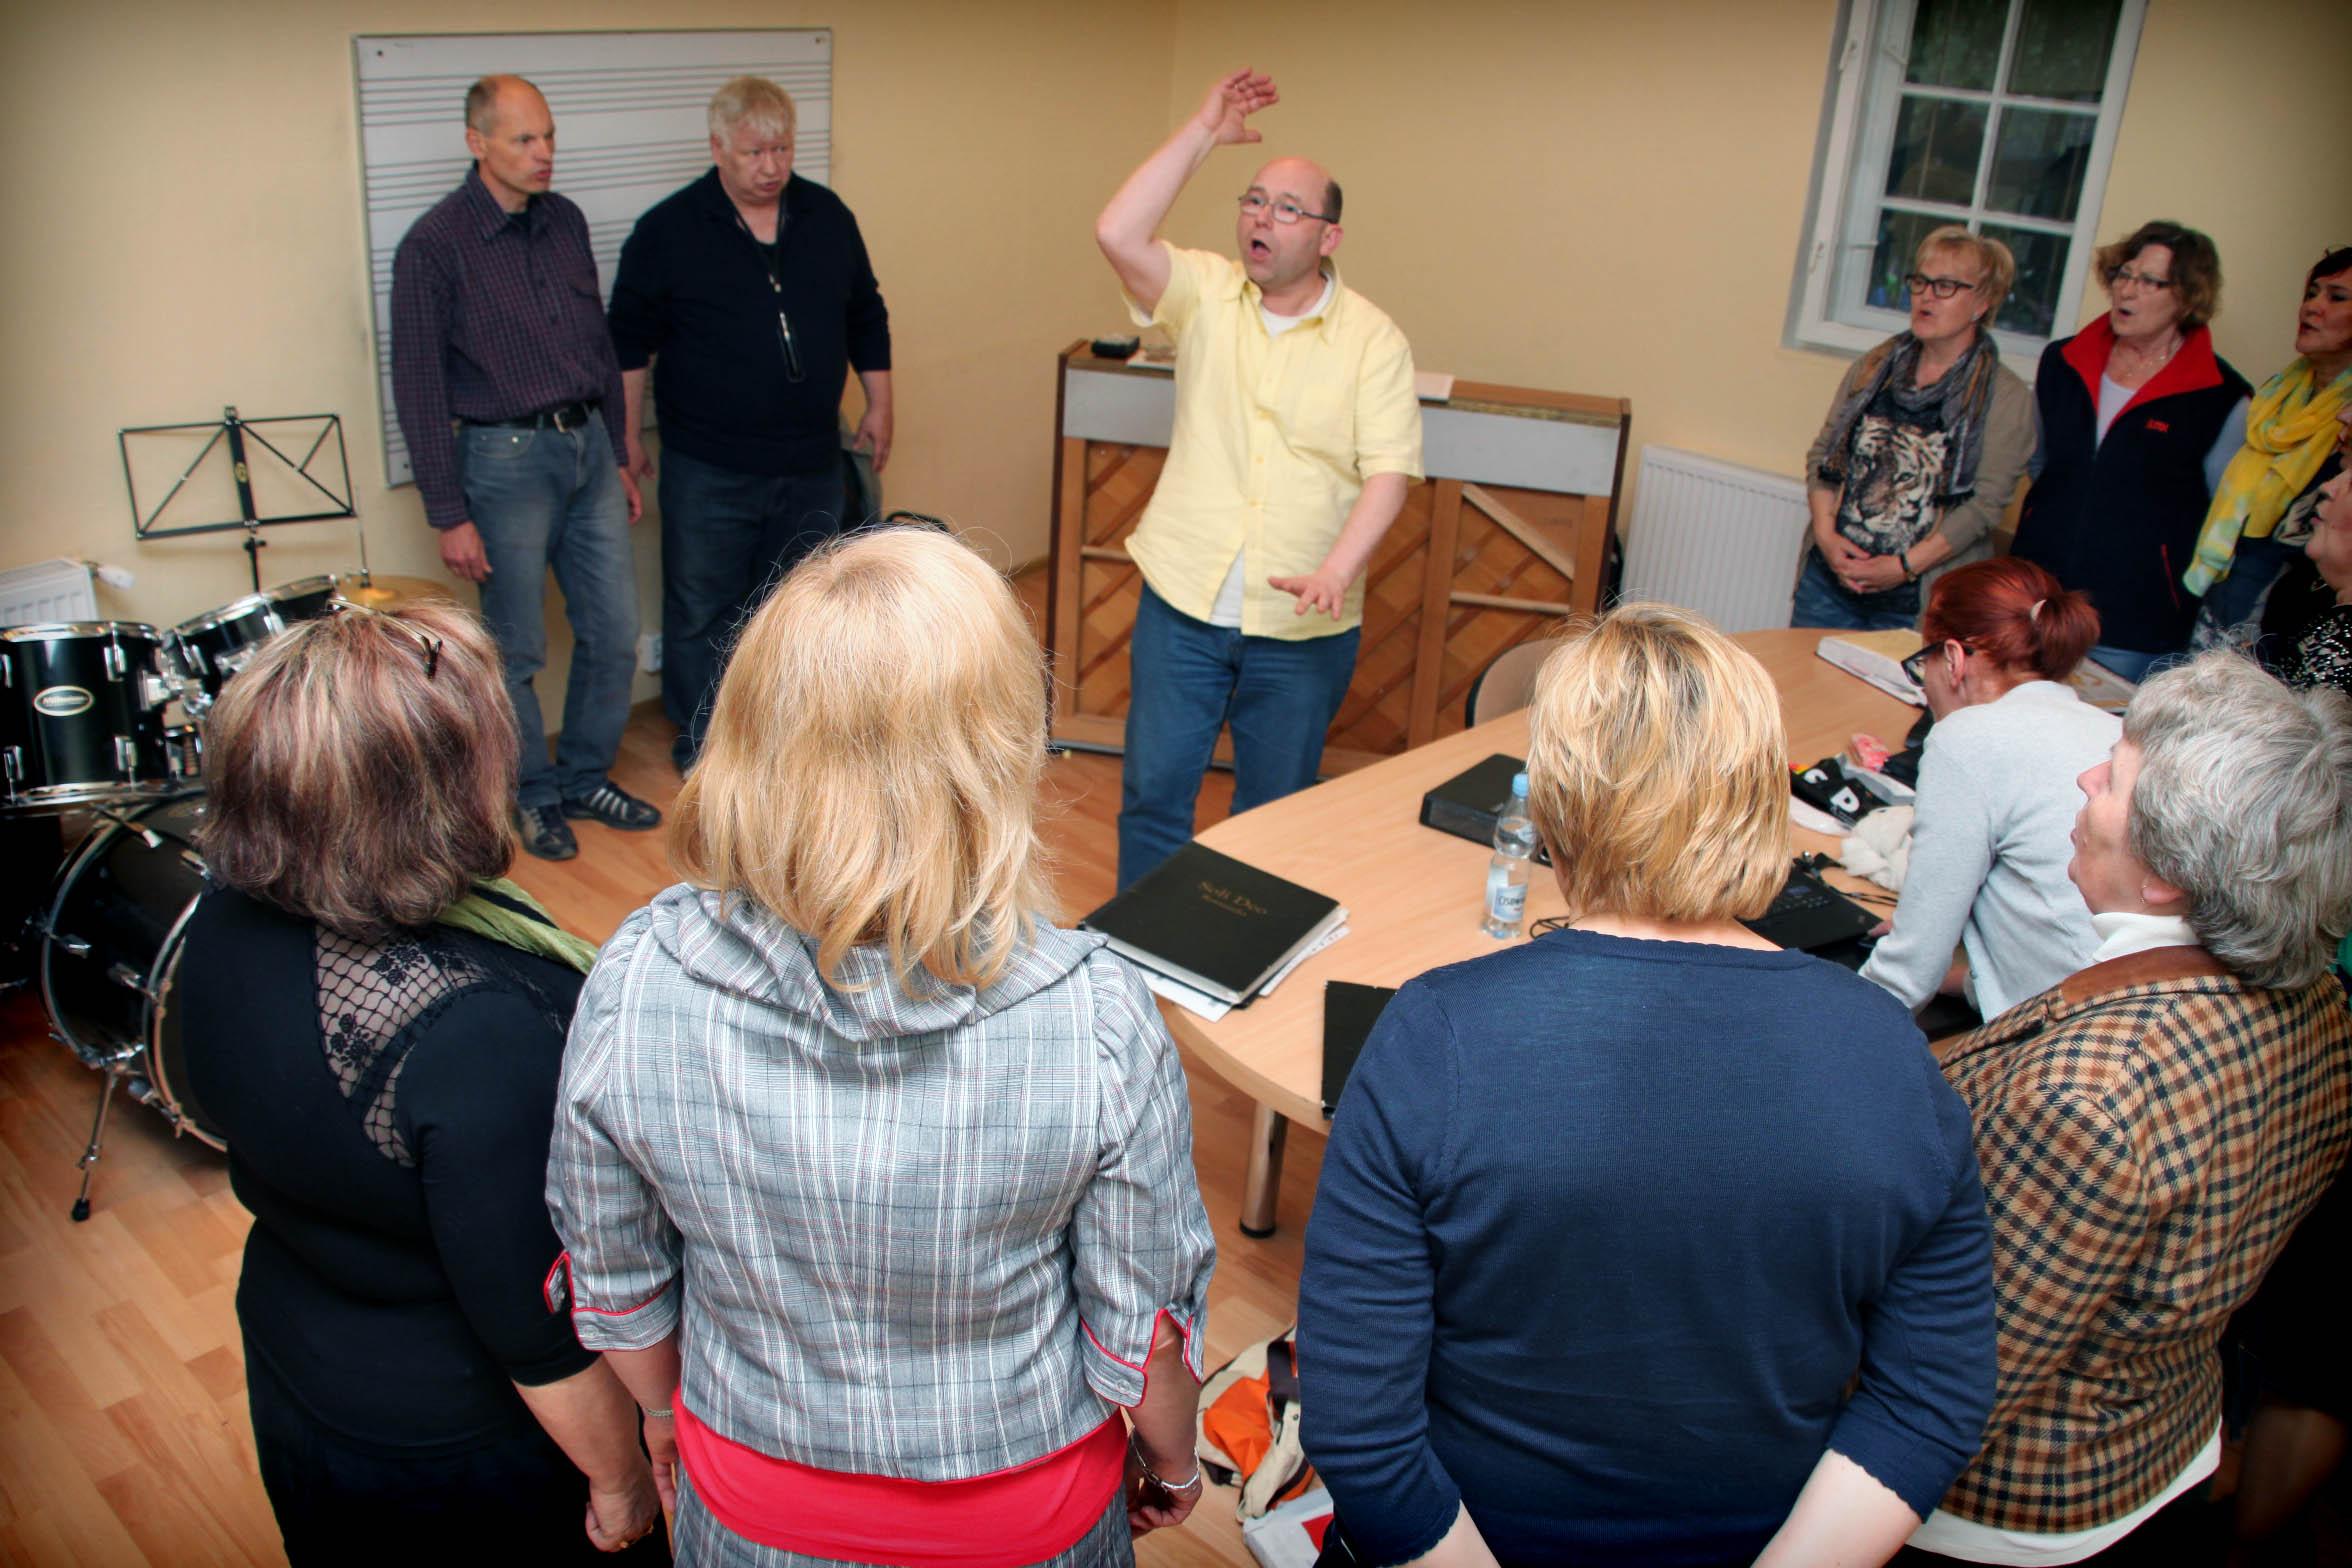 Próby chóru odbywają się co poniedziałek w jednej z sal przedszkola Wesoła Nutka w Rotmance